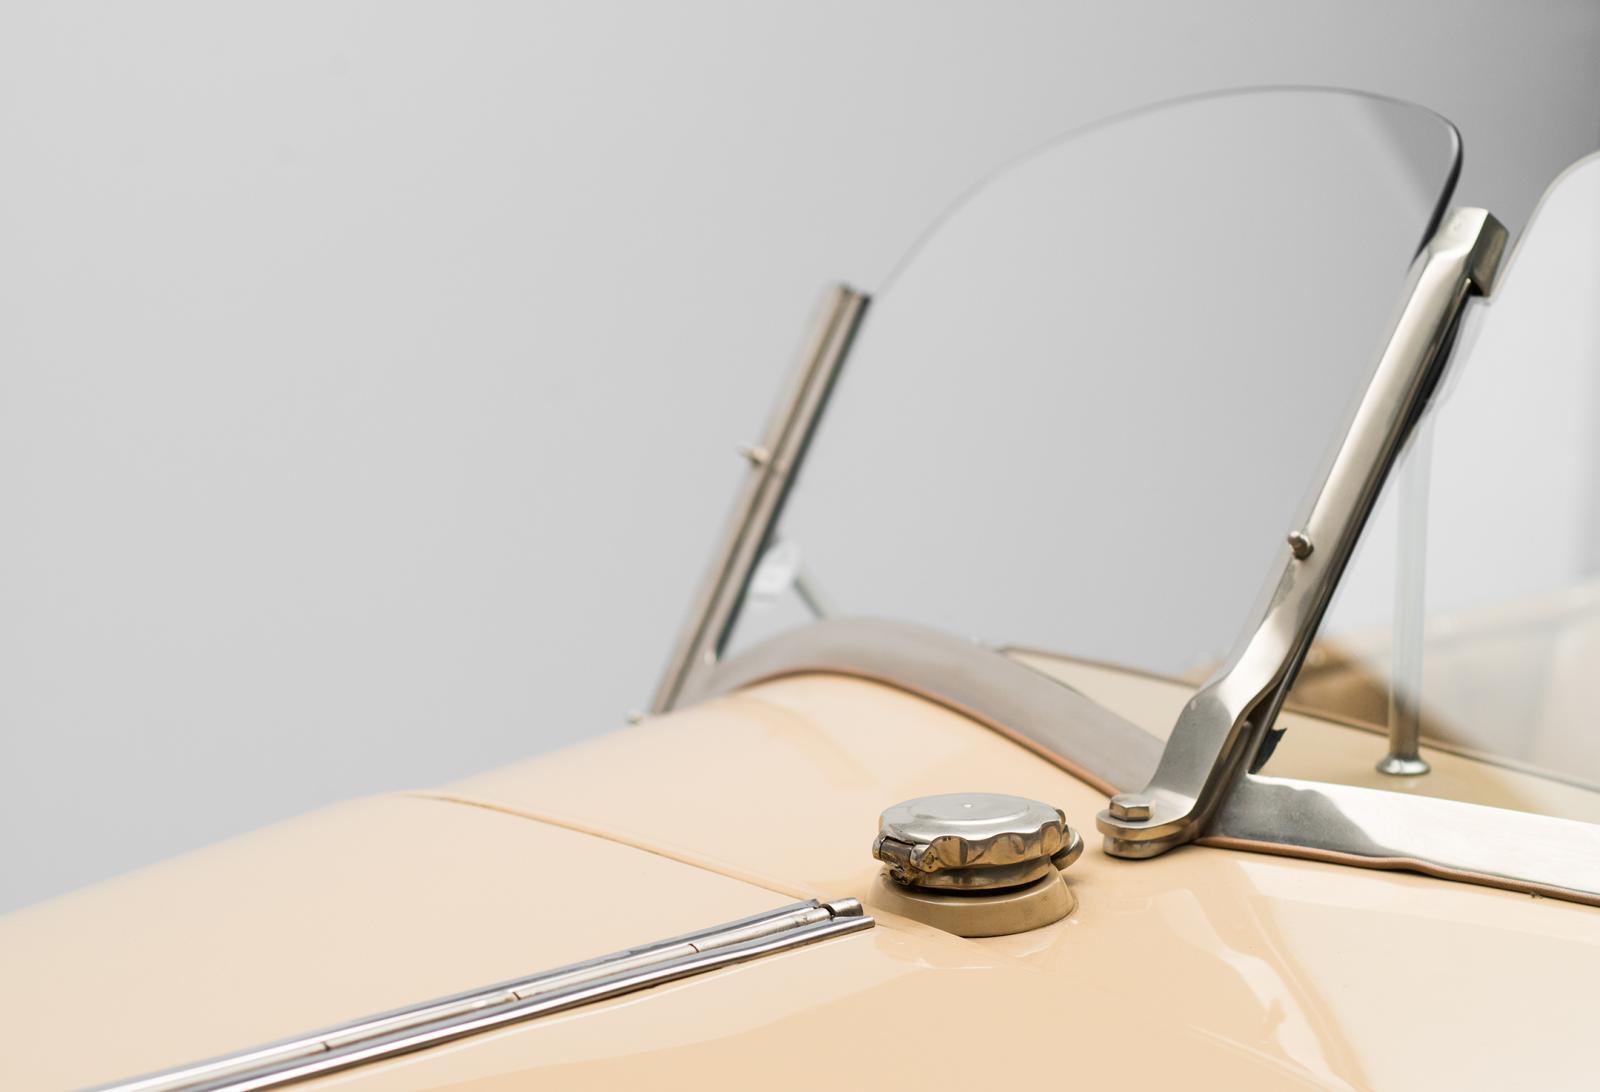 B2 Caddy - pára-brisas